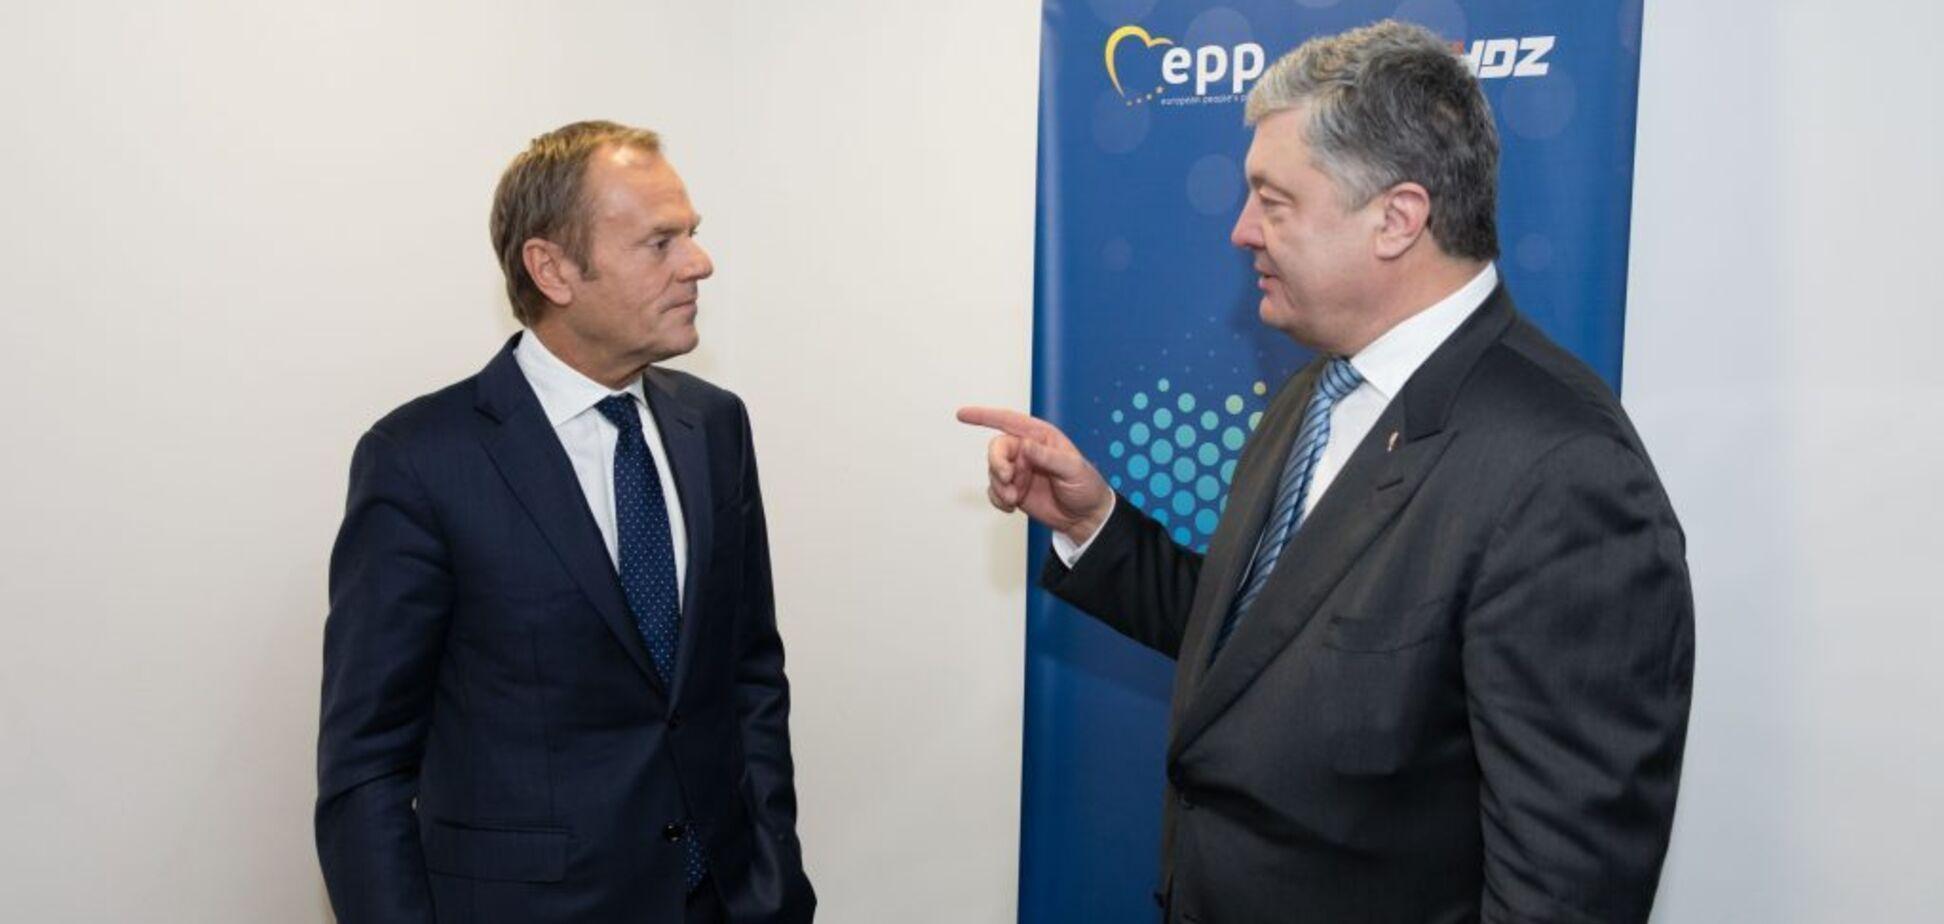 'Має виконати Мінські угоди!' Порошенко з Туском обговорили санкції проти Росії